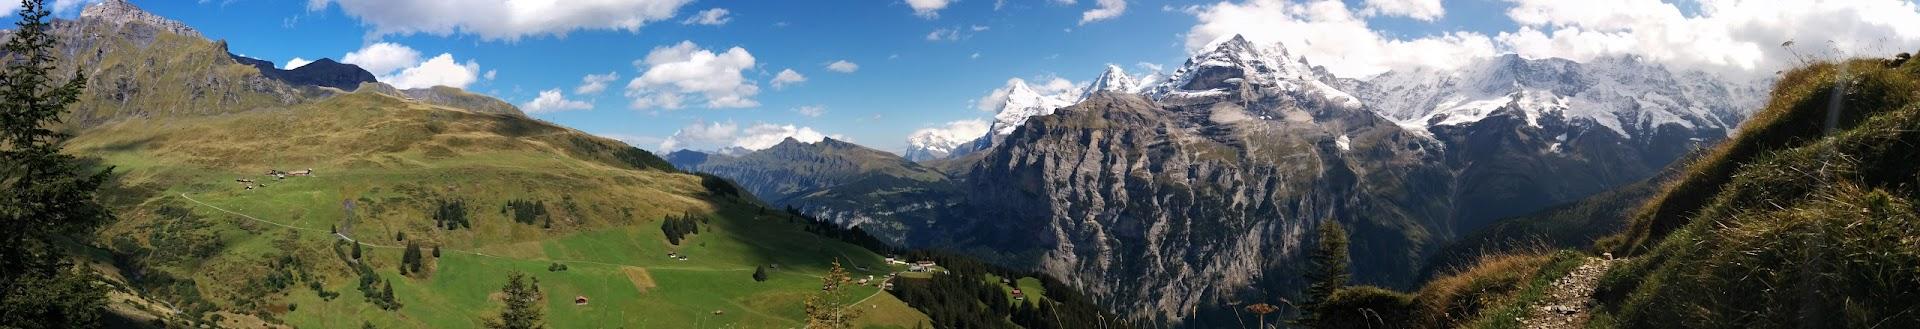 Berner Oberland Hike